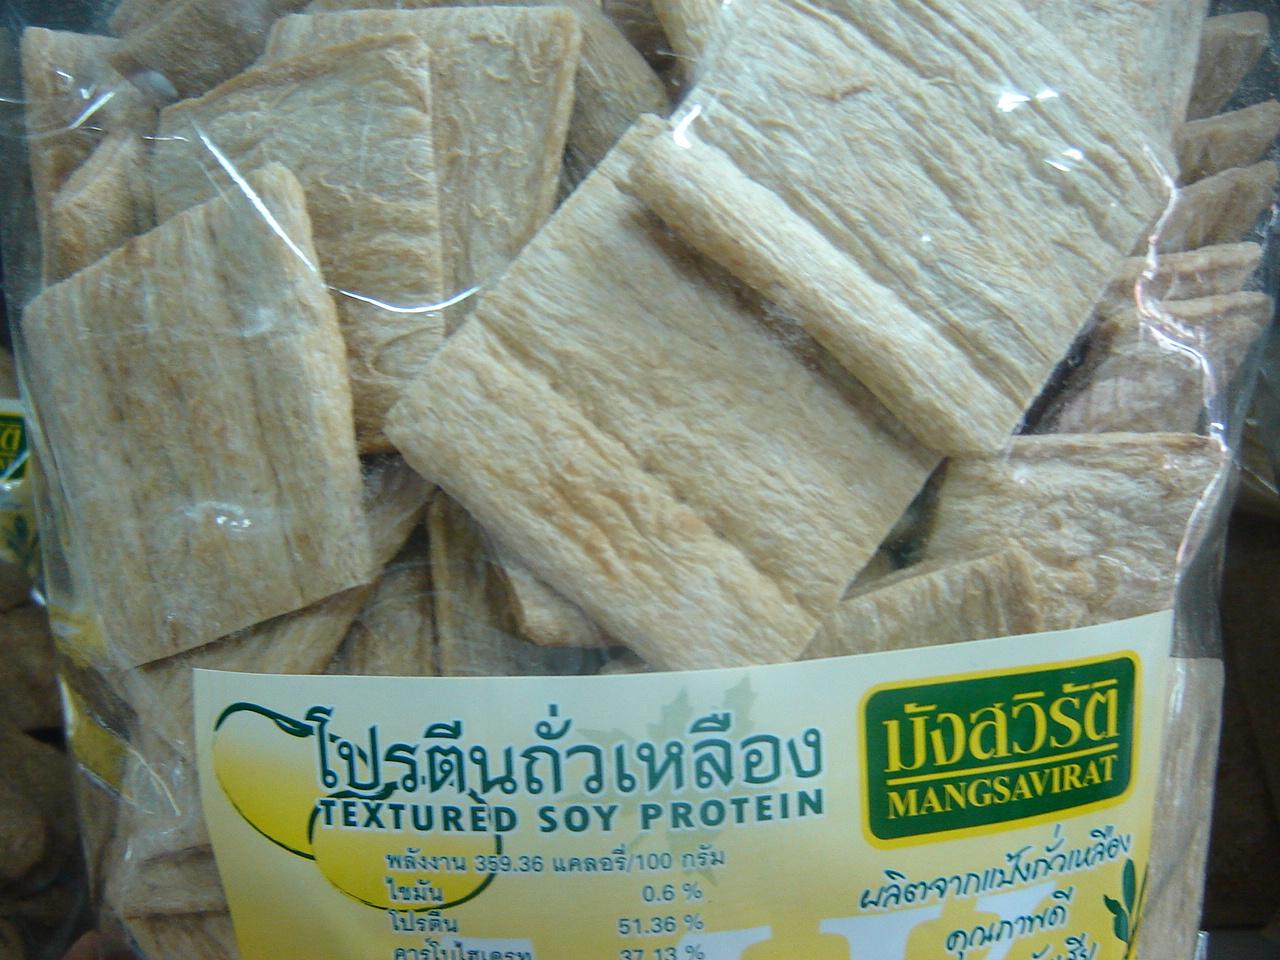 21-000-1601-1 โปรตีน ฮ่องกง (สี่เหลี่ยม) 500 ก./ซอง